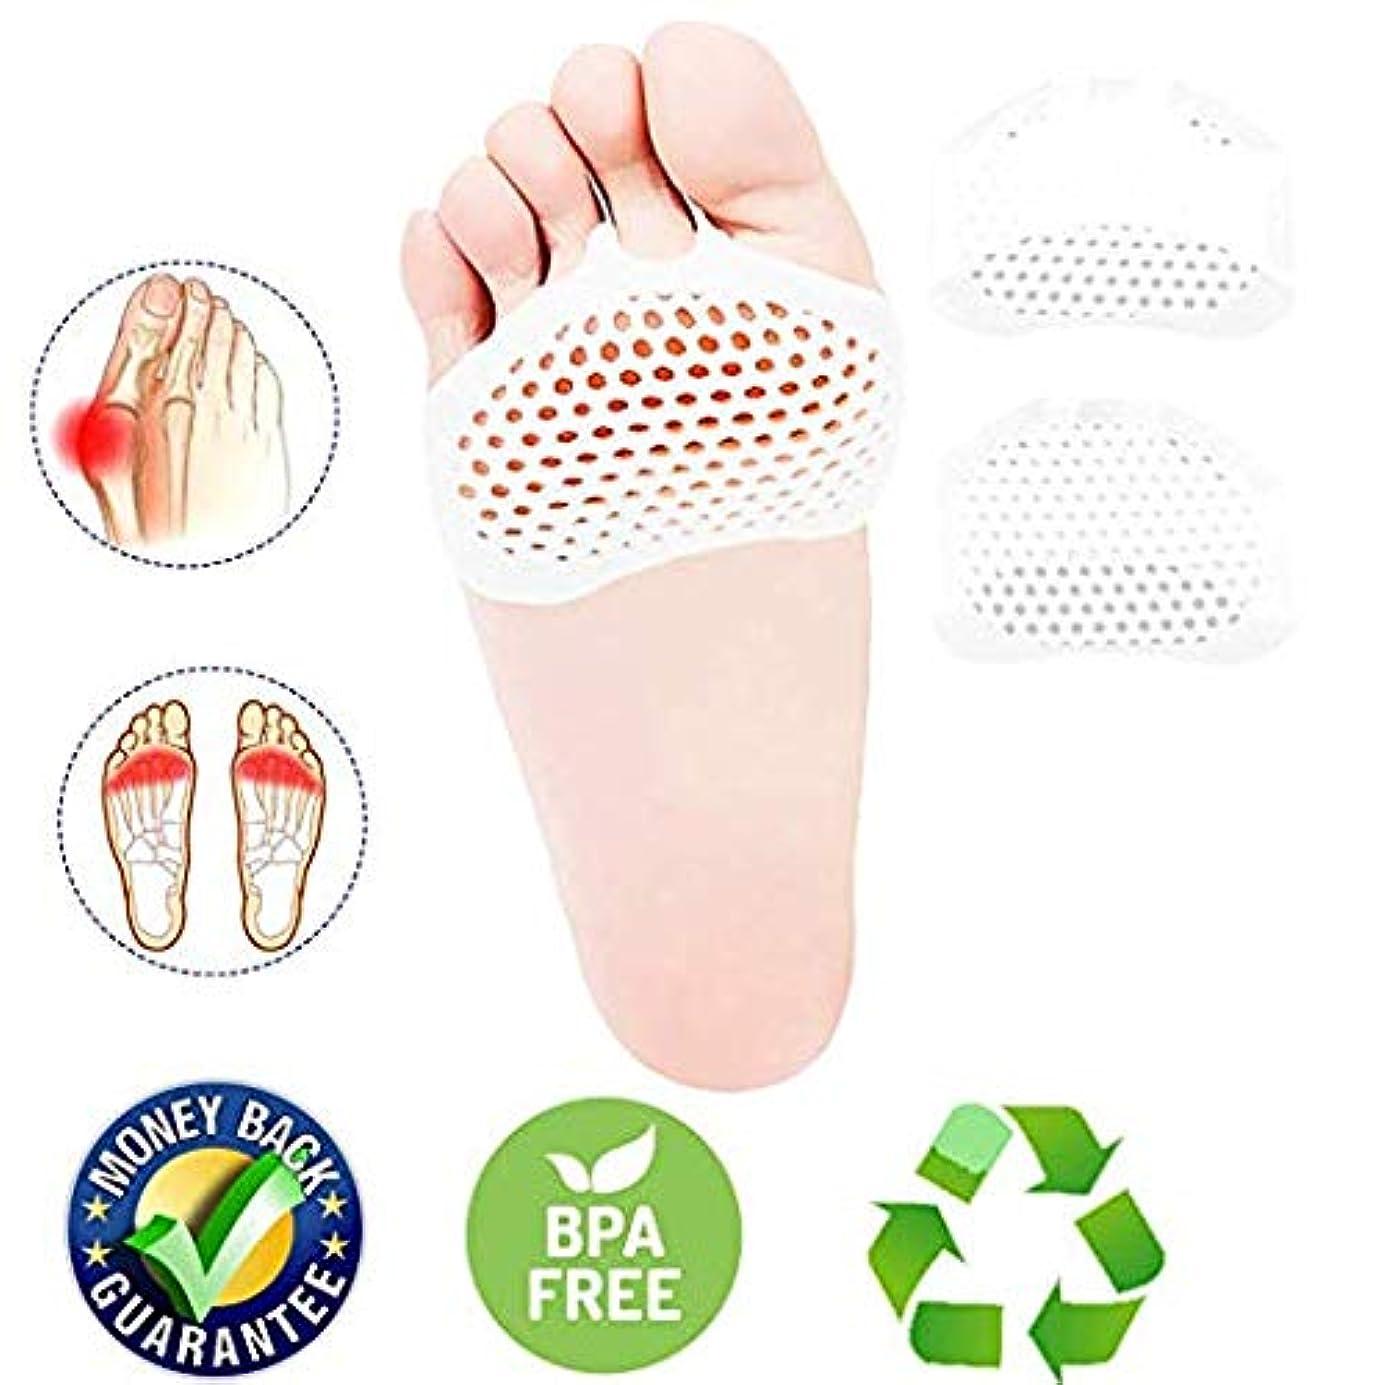 八百屋入る安全な中足骨パッドフットクッションのボール、つま先セパレーター、つま先セパレーターストレッチャー、ゲルゴムシリコーンsesamoiditisパッド、通気性のある足の痛みを緩和するクッションハンマーまっすぐな腱膜炎の痛みの足